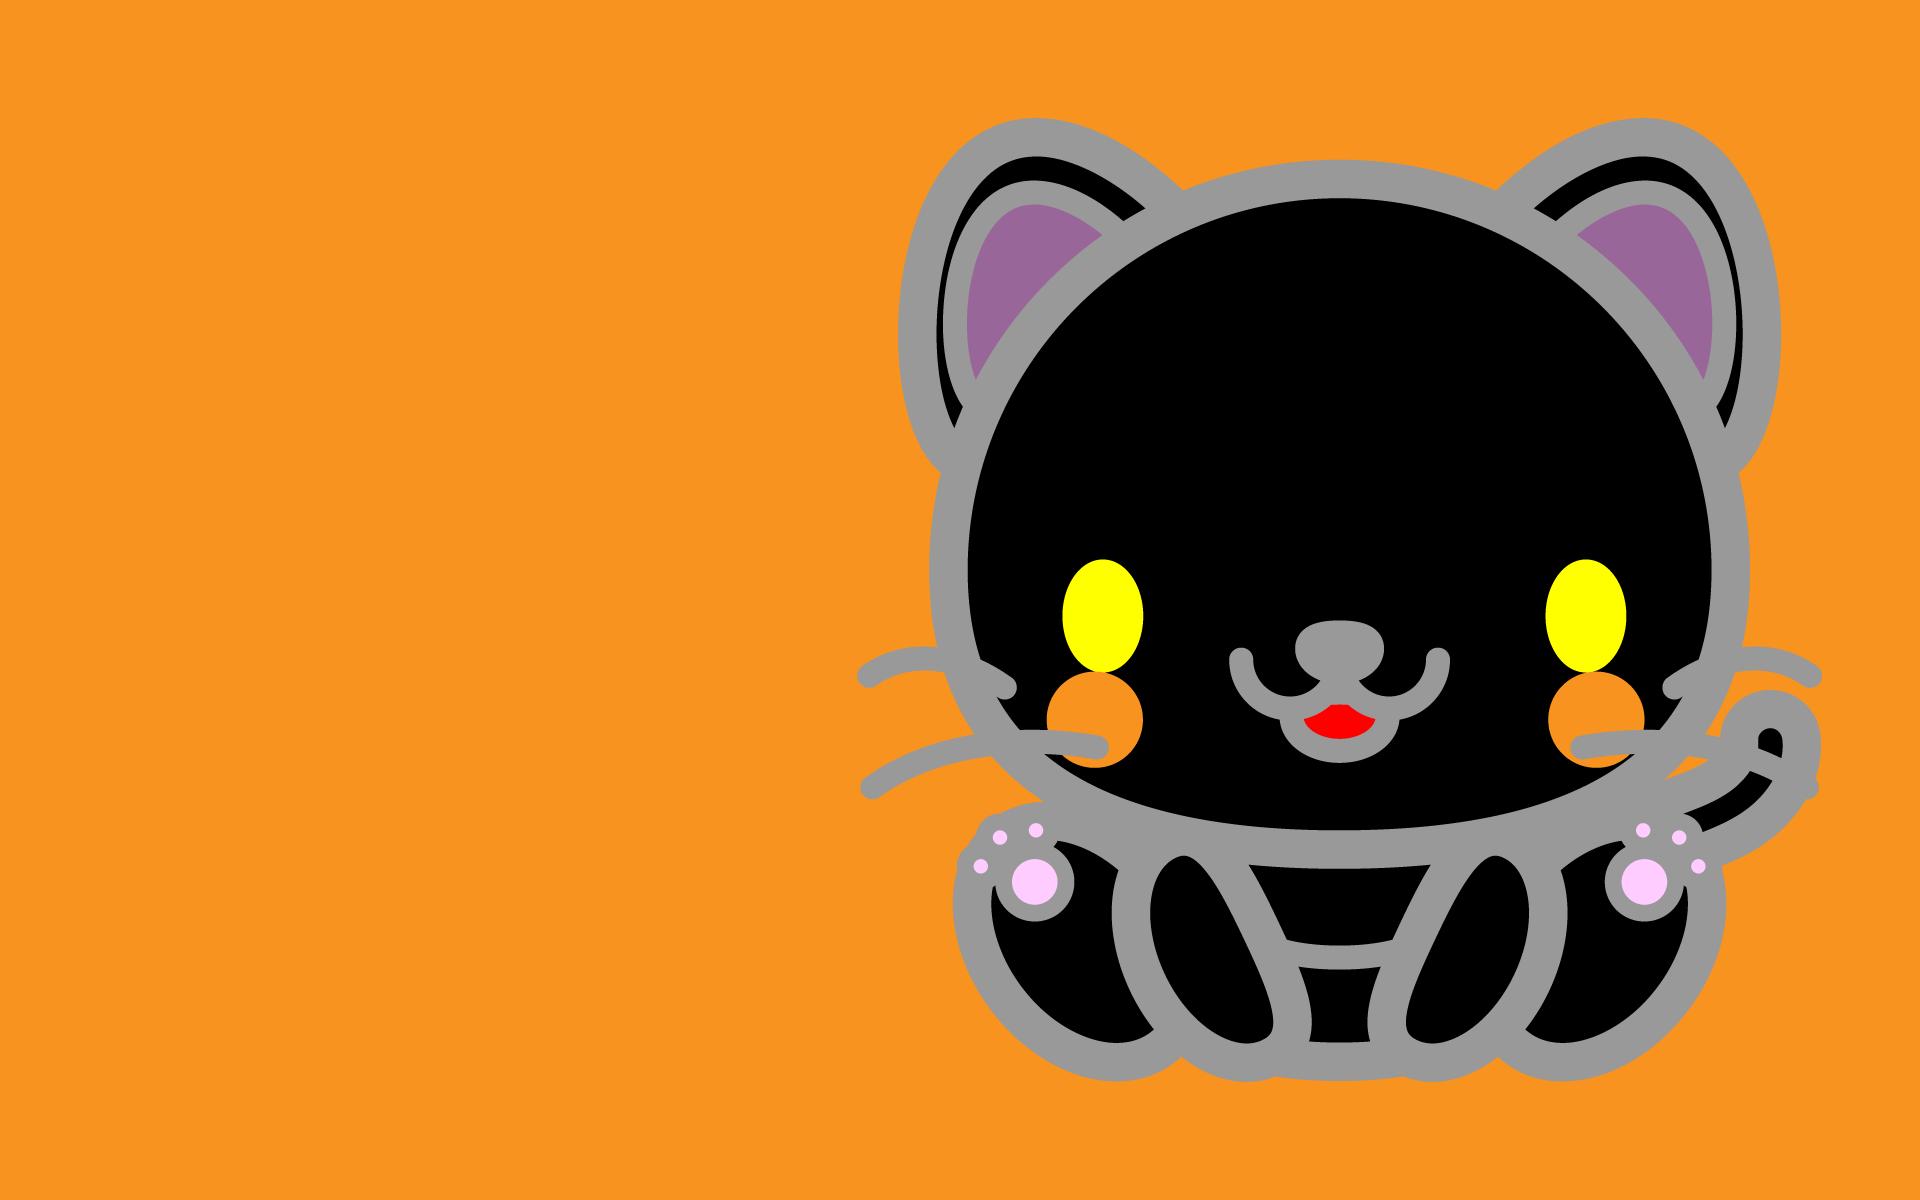 かわいい座り黒猫壁紙(PC)の無料イラスト・商用フリー